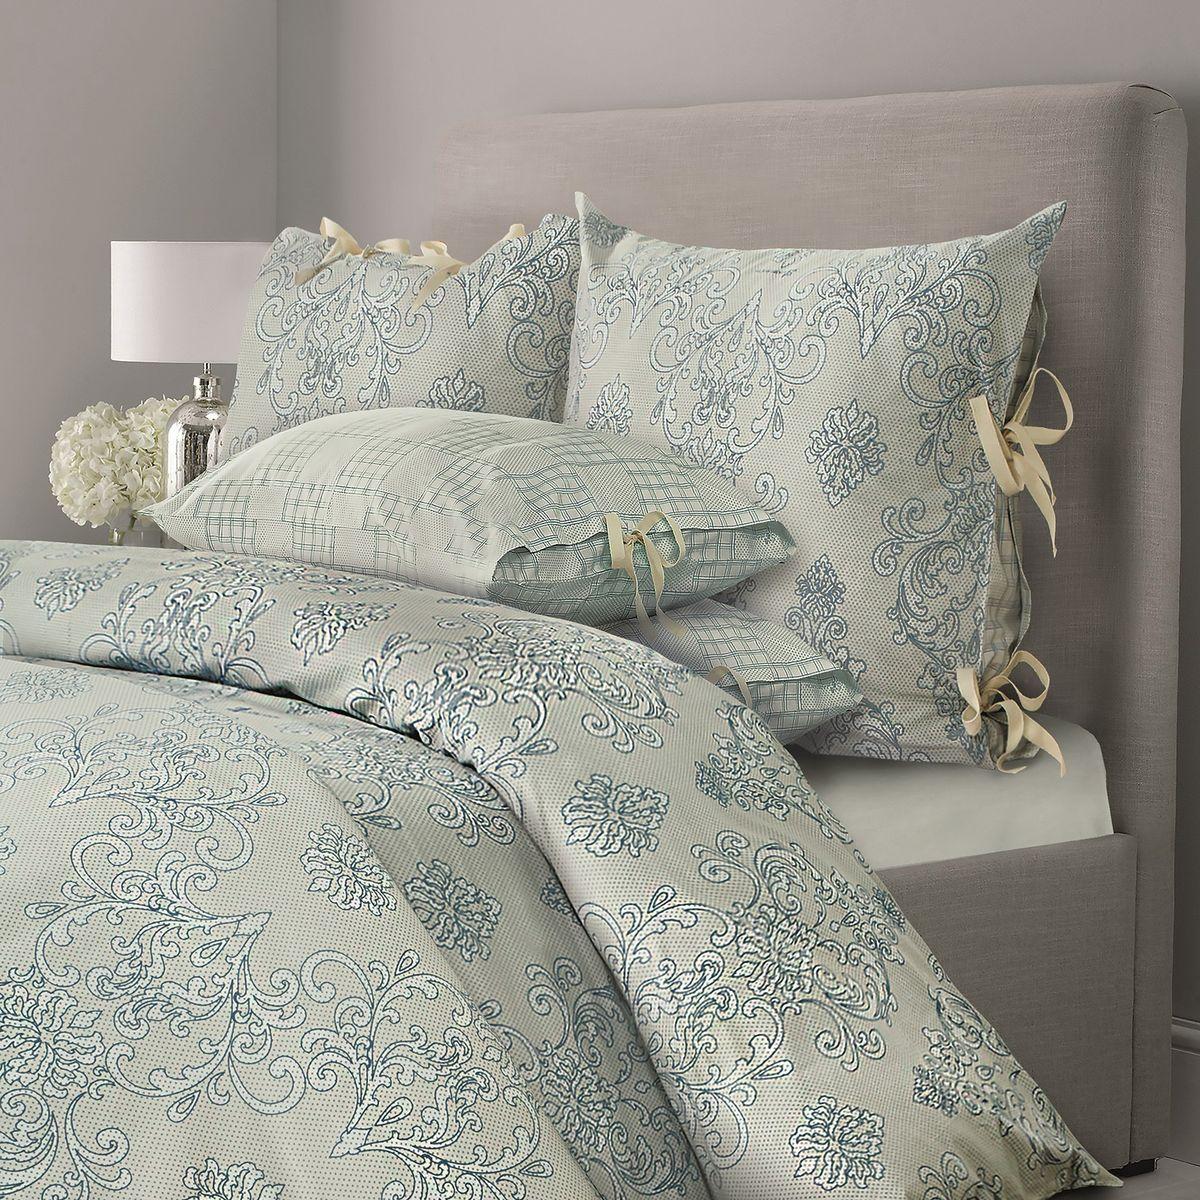 Комплект белья Mona Liza Chalet, семейный, наволочки 70x70, цвет: зеленая олива5760/3Комплекты постельного белья, подушки и одеяла выполнены в современном евростиле. Лаконичность рисунка, сдержанный колорит, элегантность, легкость и благородство — вот основные отличия CHALET. Трендовые полутона действуют расслабляющее и умиротворяюще, Ваш интерьер получится мягким, теплым, «припудренным», в нем будут царить уют и спокойствие.